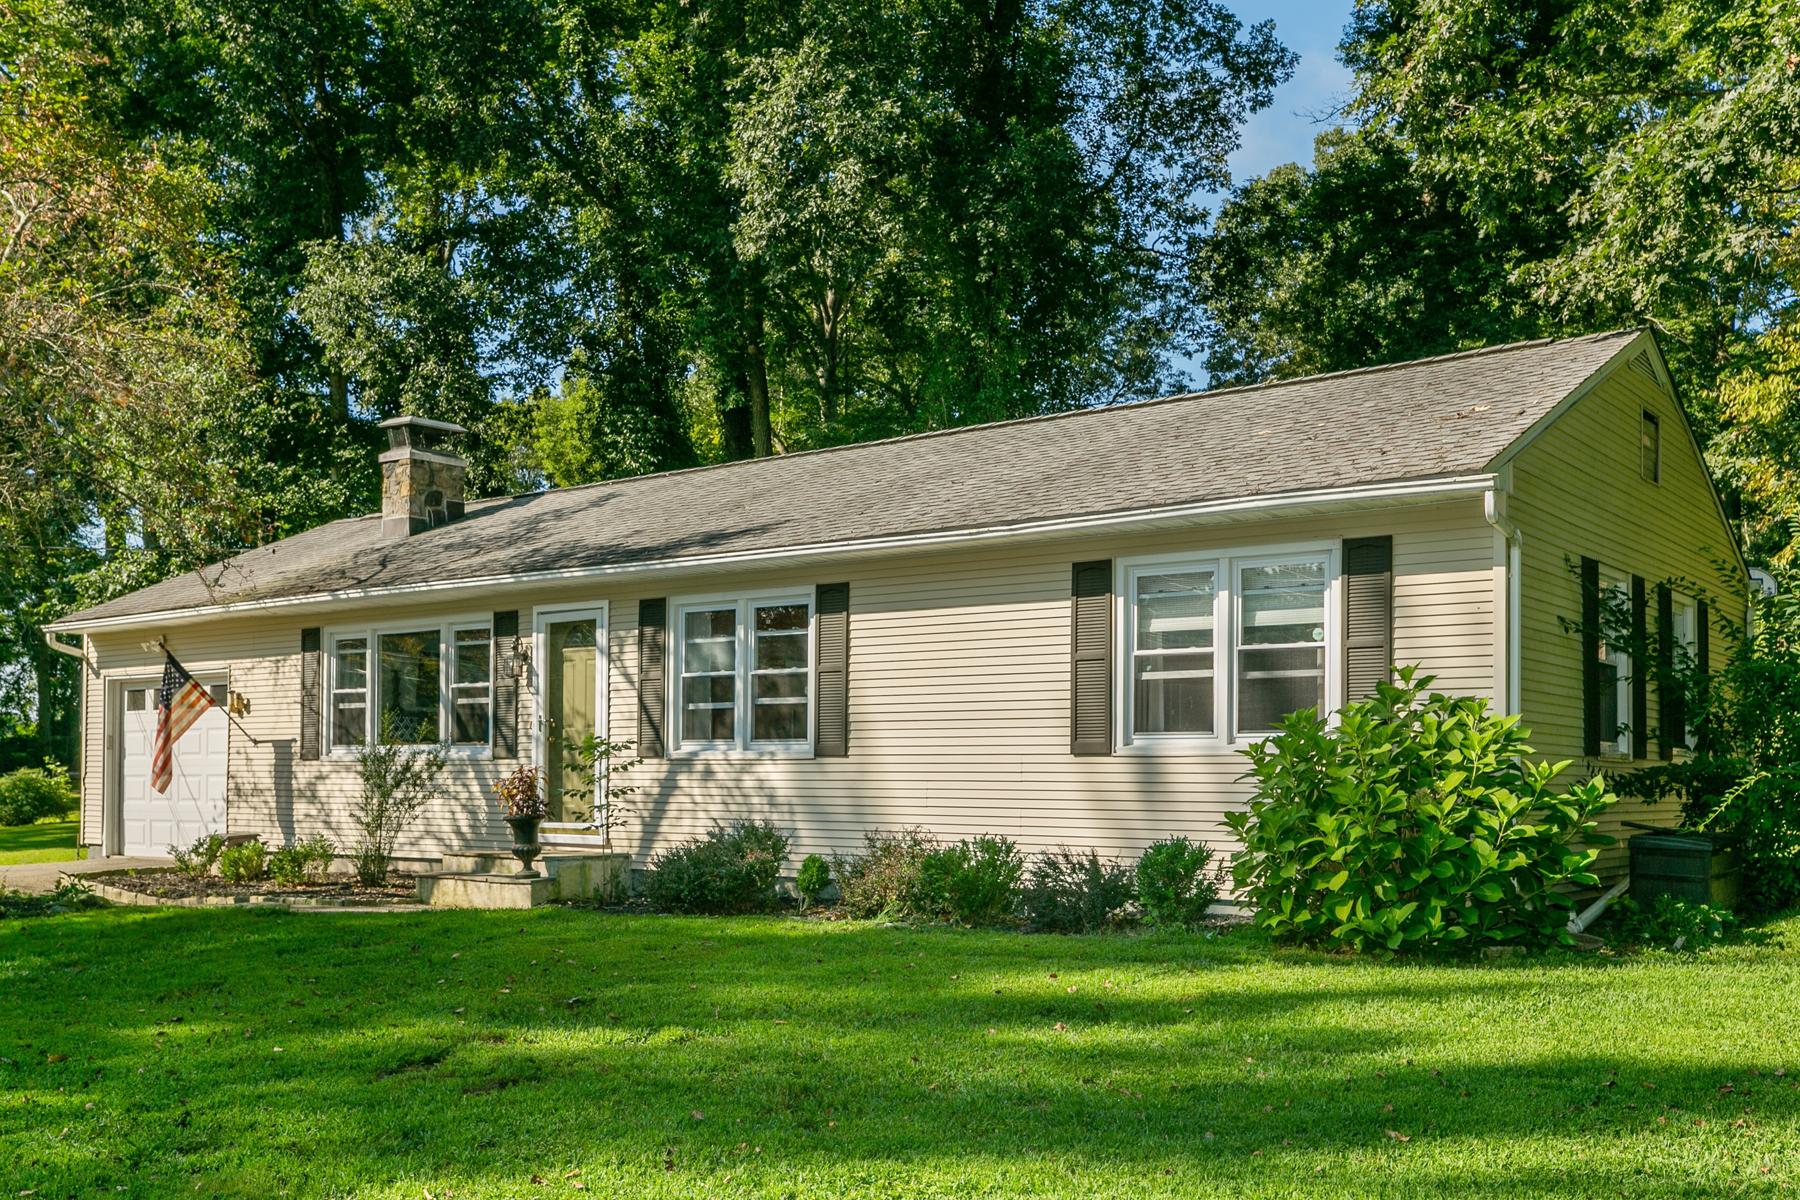 Частный односемейный дом для того Продажа на Woodland Ranch 8 Woodland Drive Brewster, Нью-Йорк 10509 Соединенные Штаты